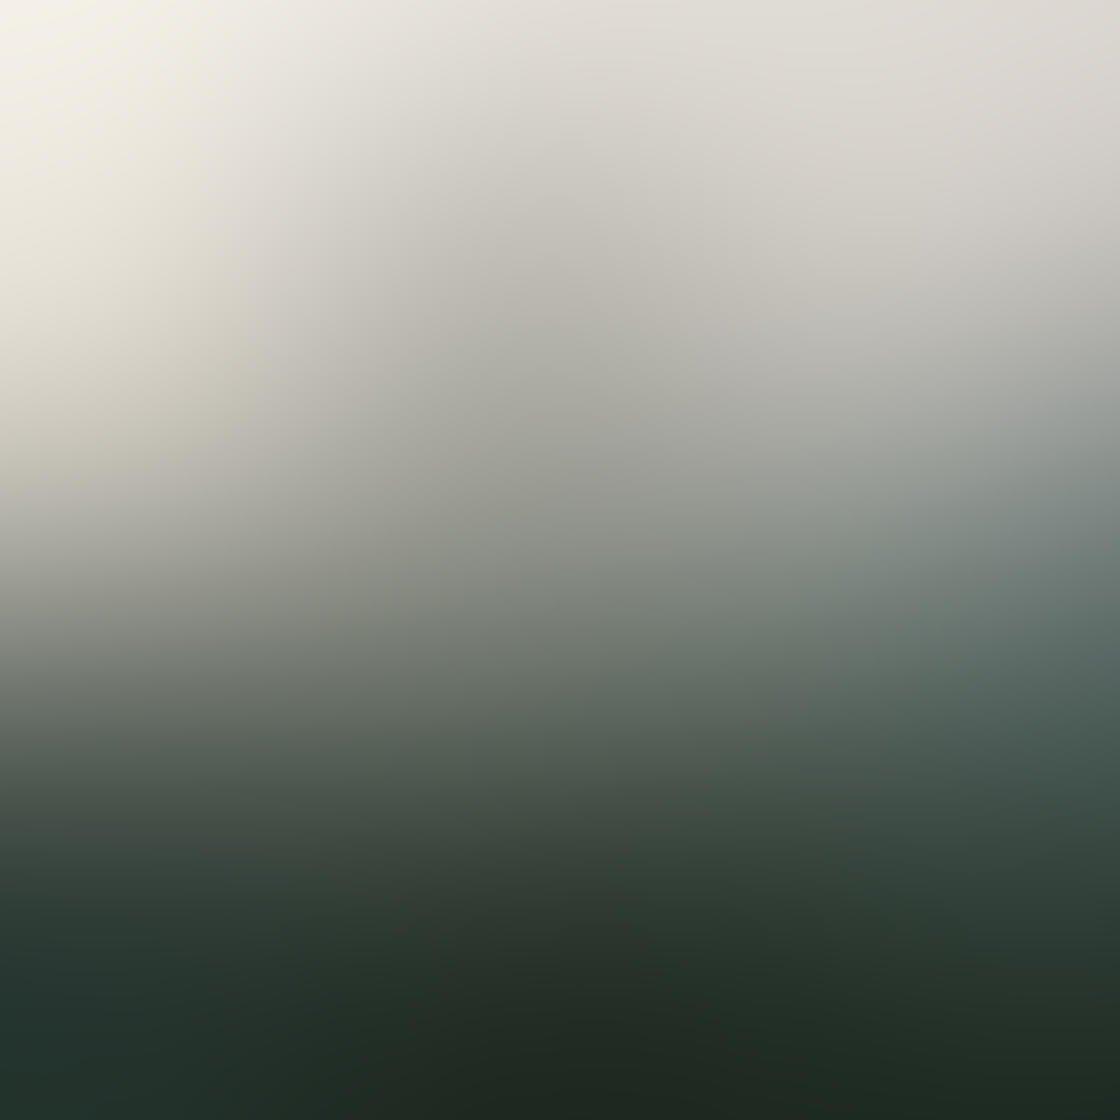 Fog & Mist iPhone Photos 45